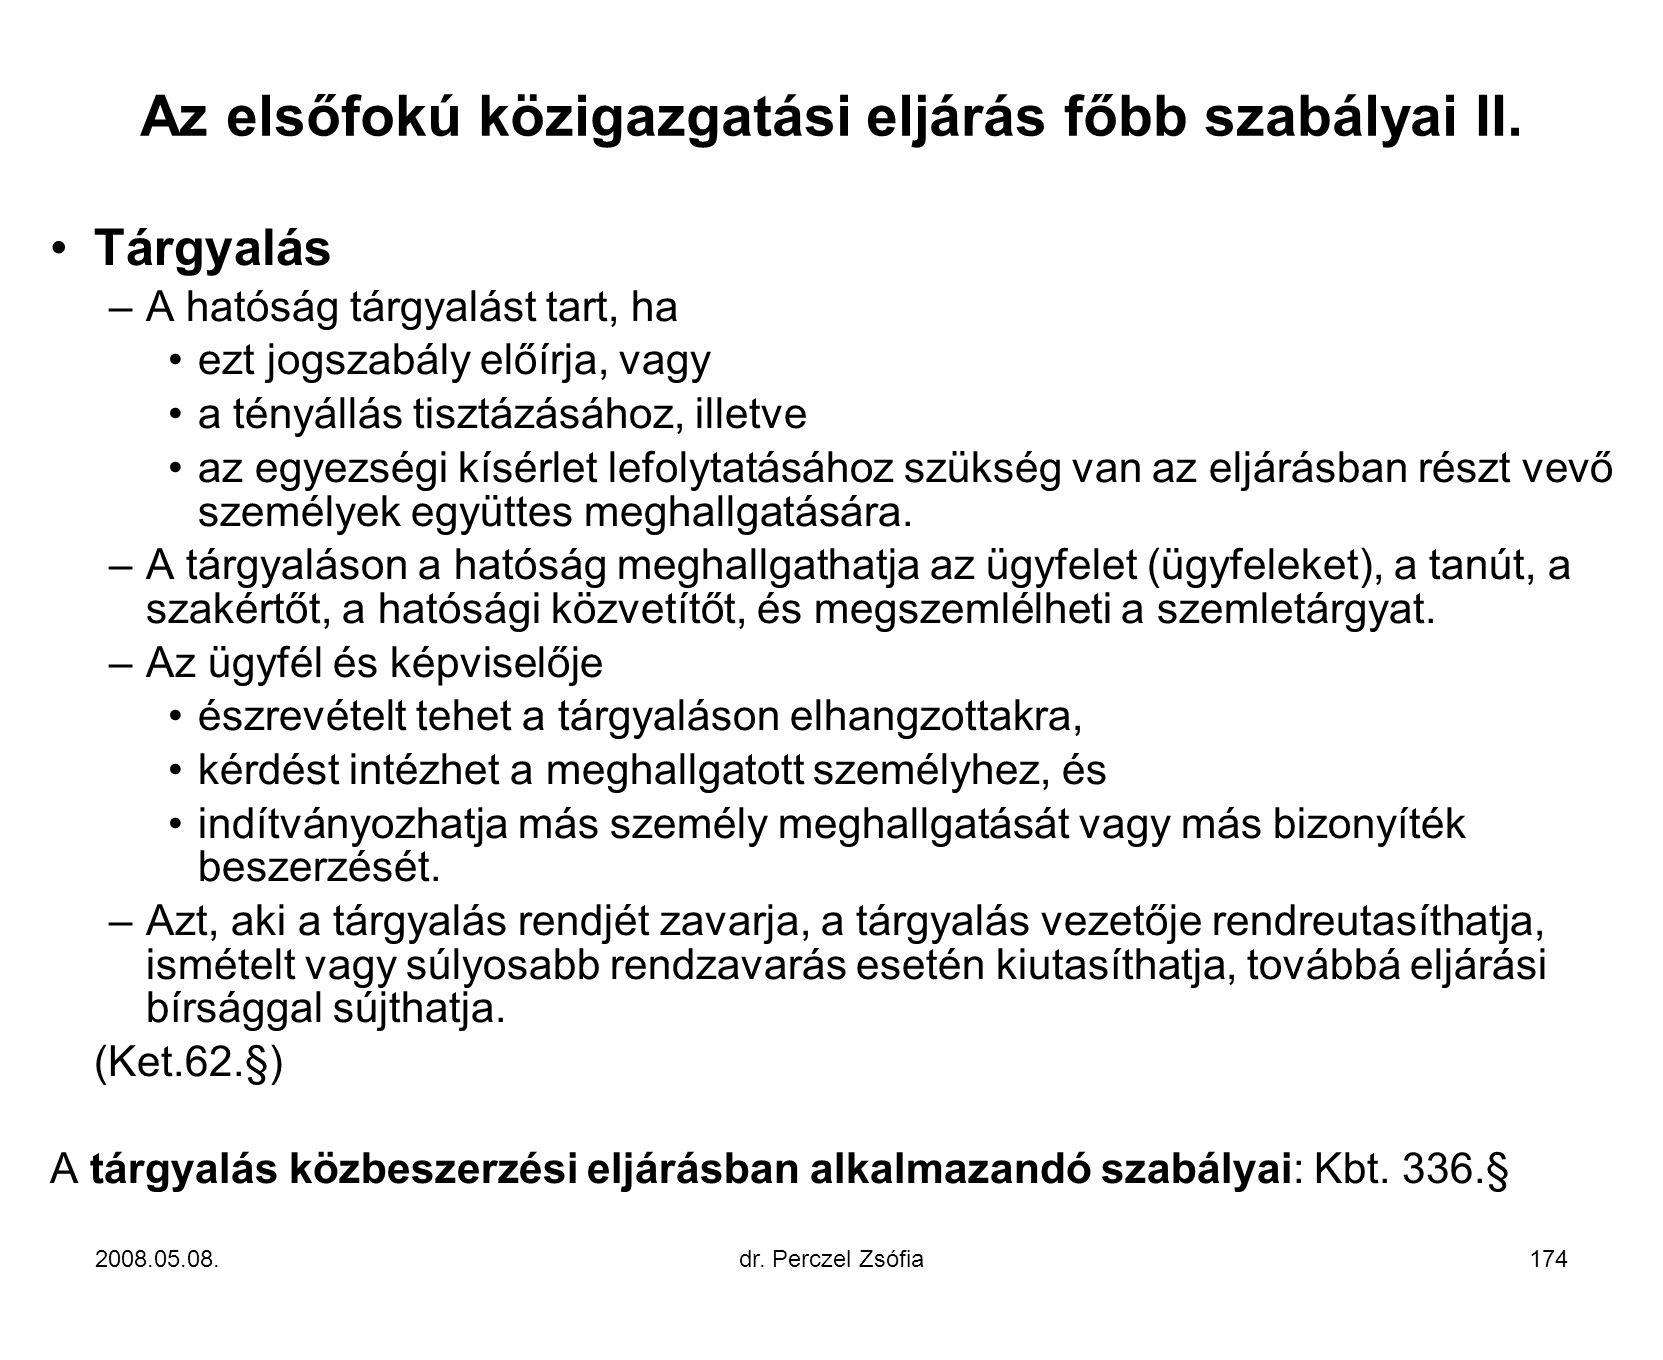 Az elsőfokú közigazgatási eljárás főbb szabályai II.